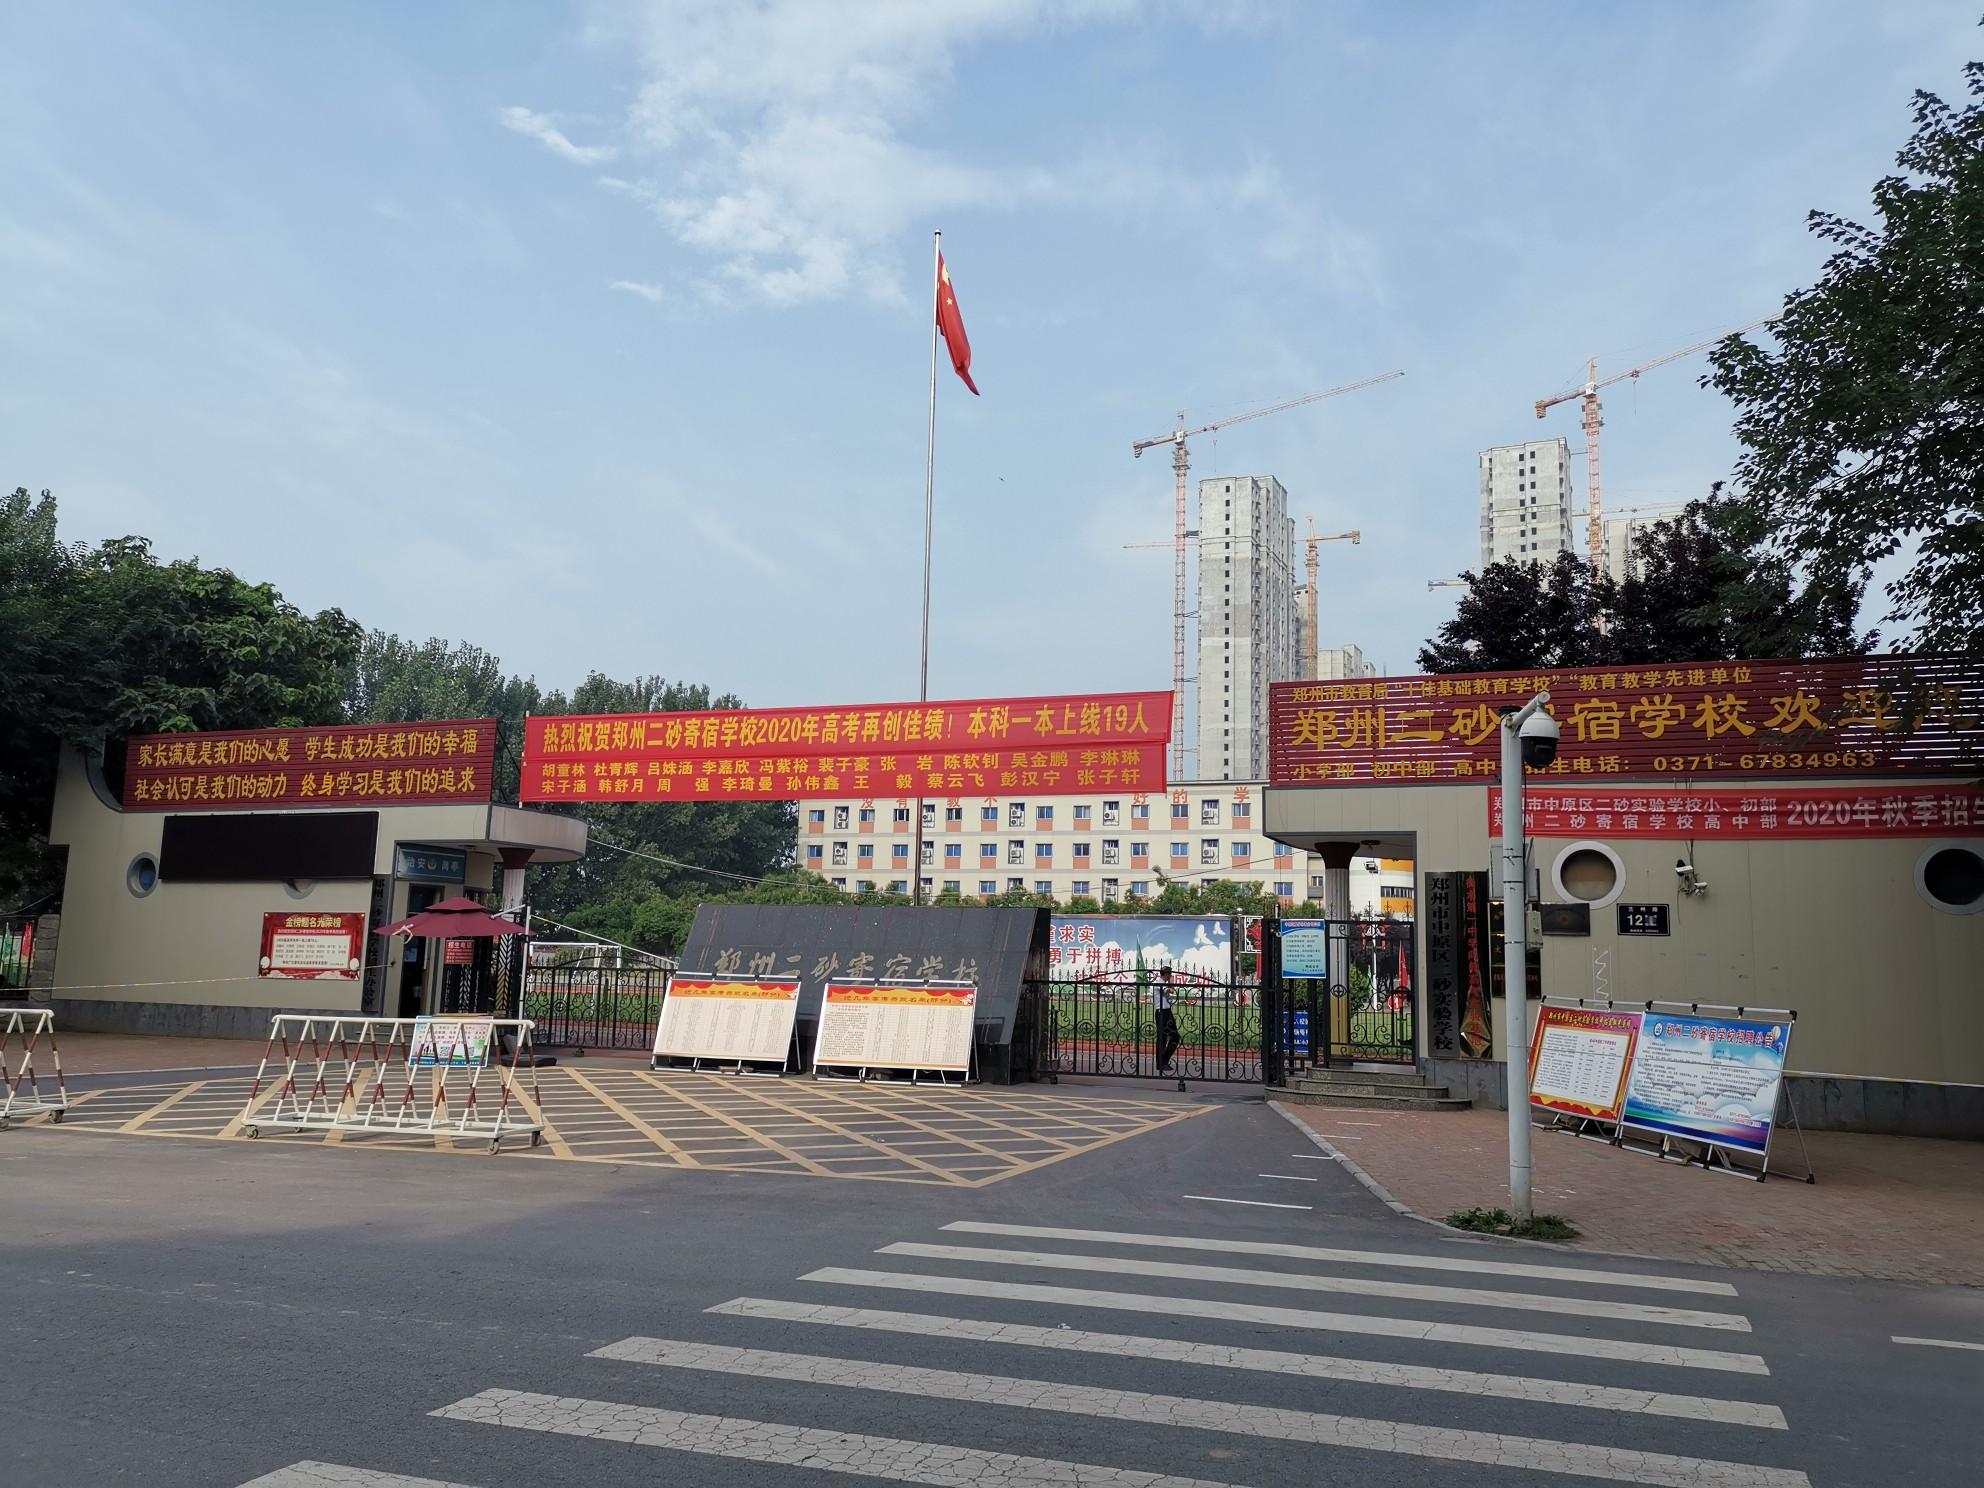 郑州一学校疫情期间上课俩月给学生退费1/10 校方